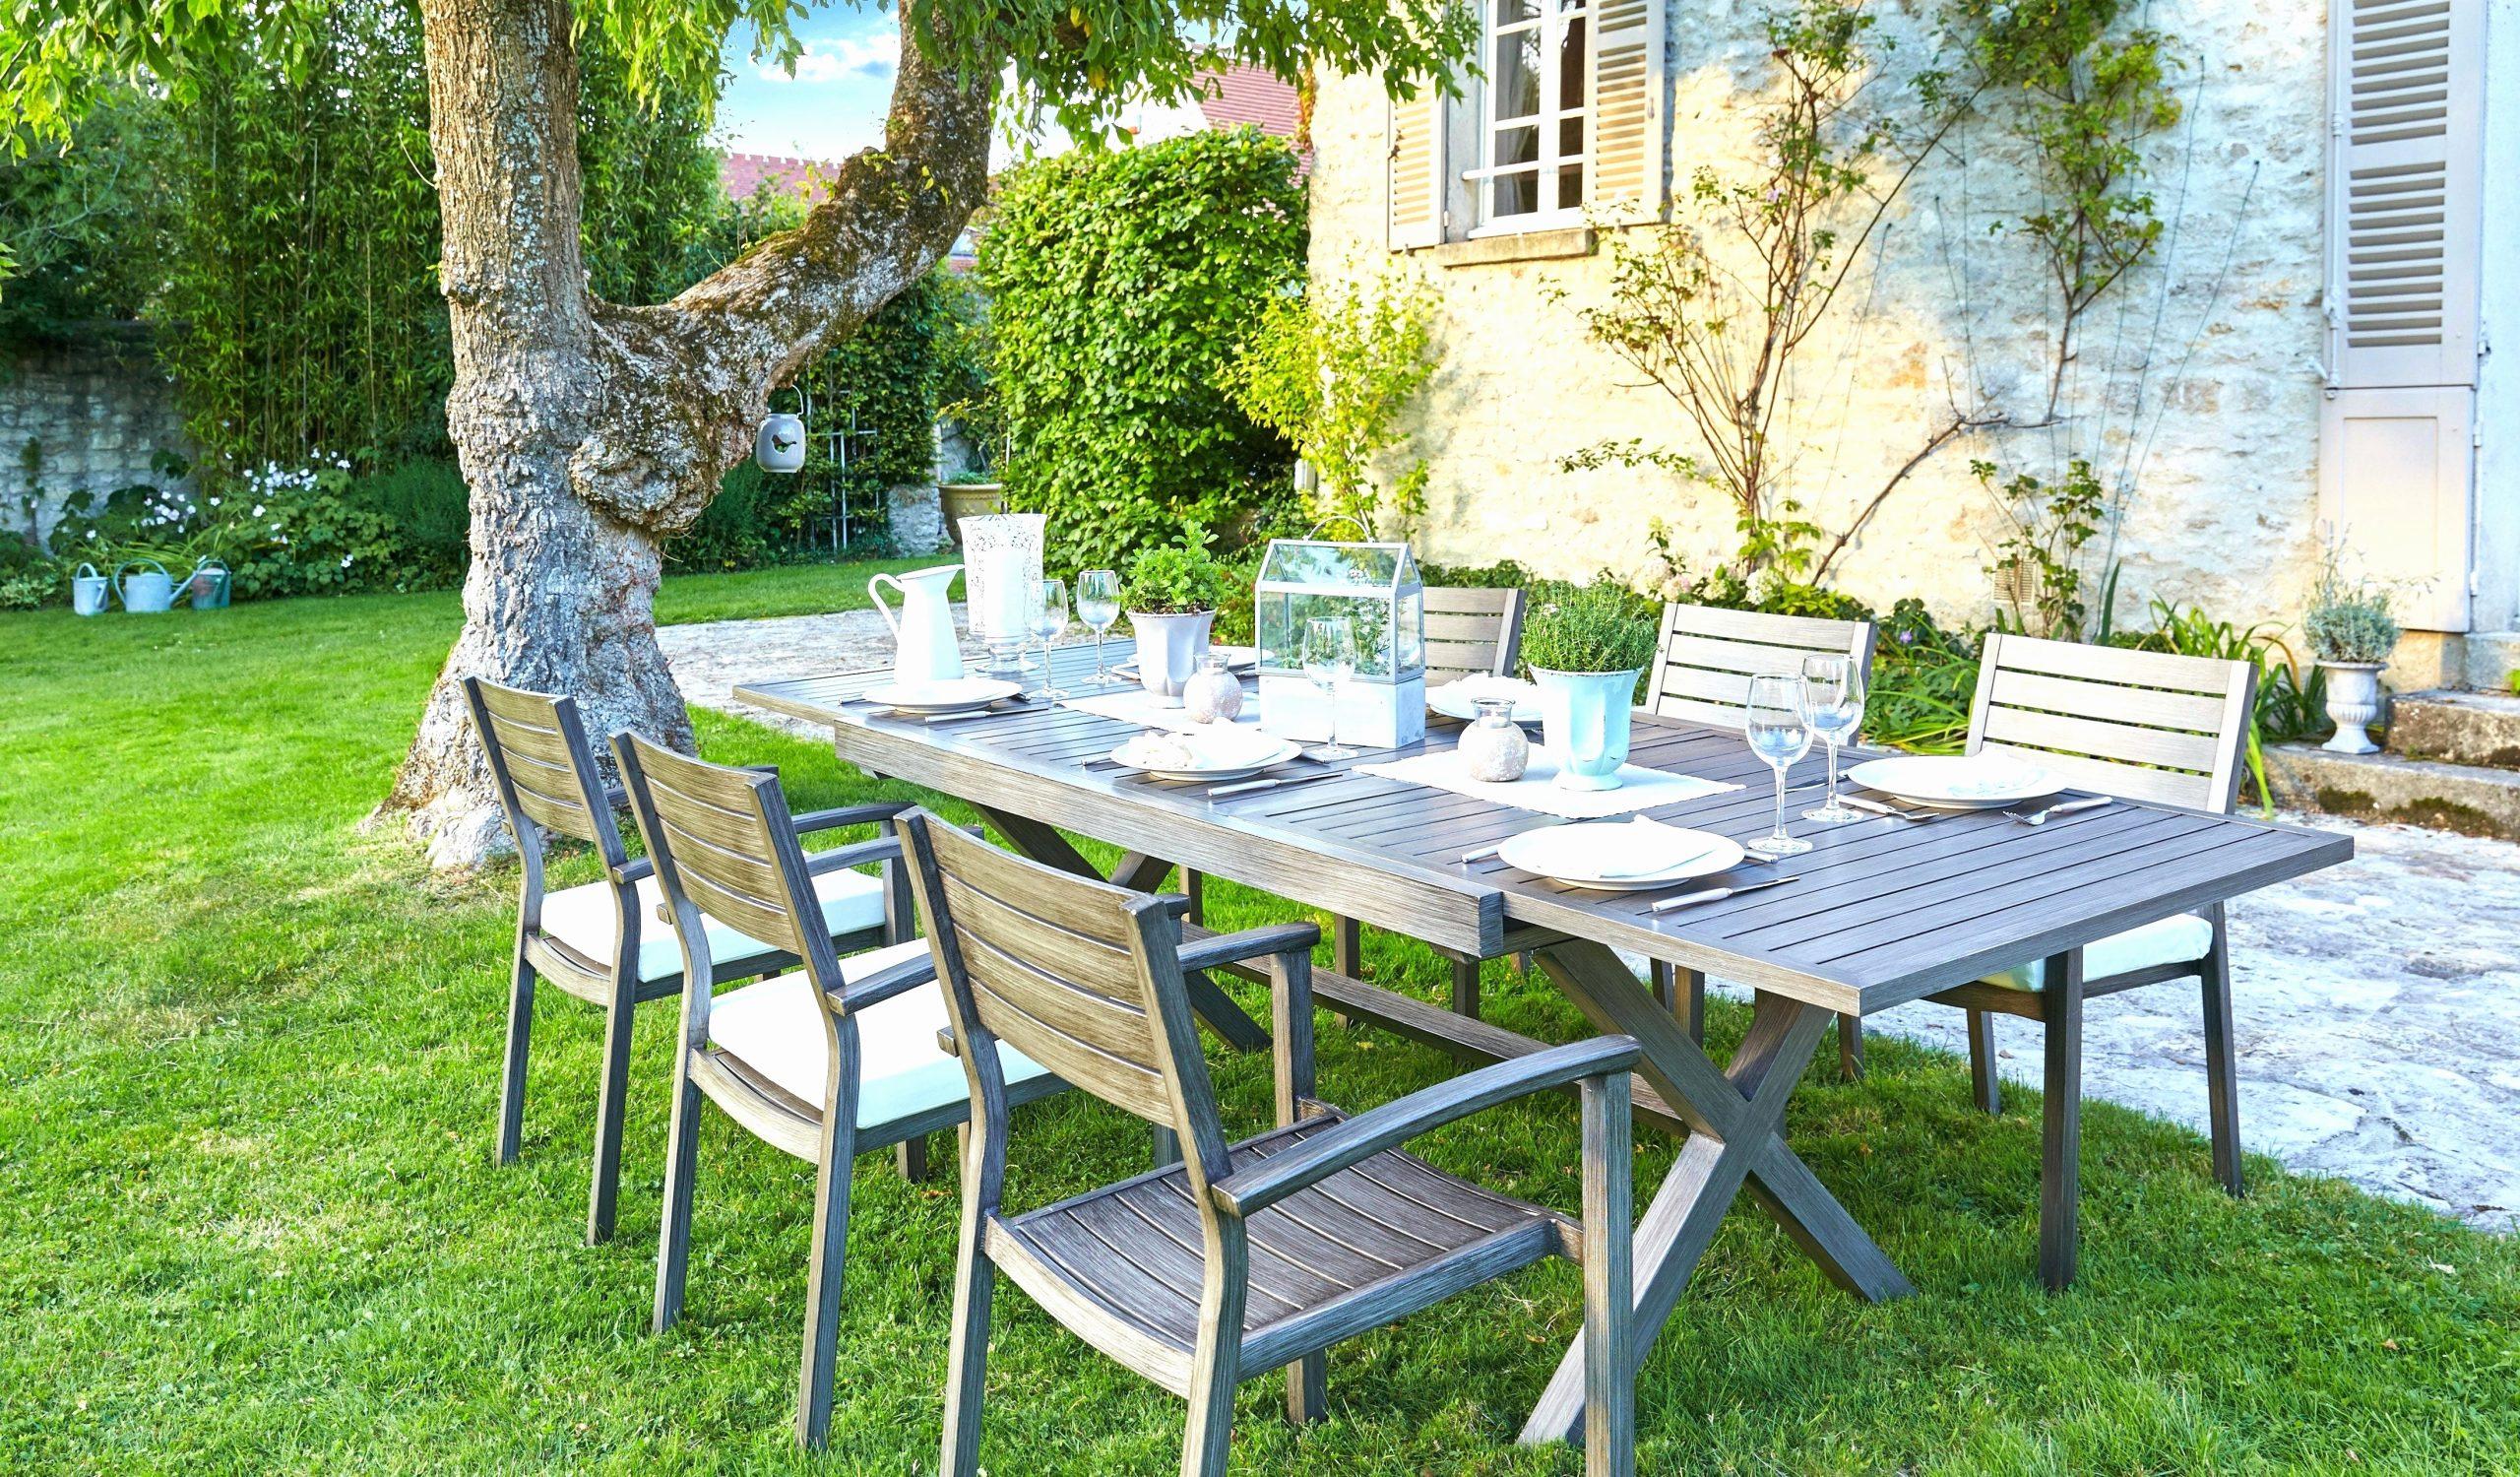 Fauteuil Relax De Jardin Pas Cher Nouveau 50 Génial Table ... serapportantà Salon De Jardin Pas Cher Carrefour